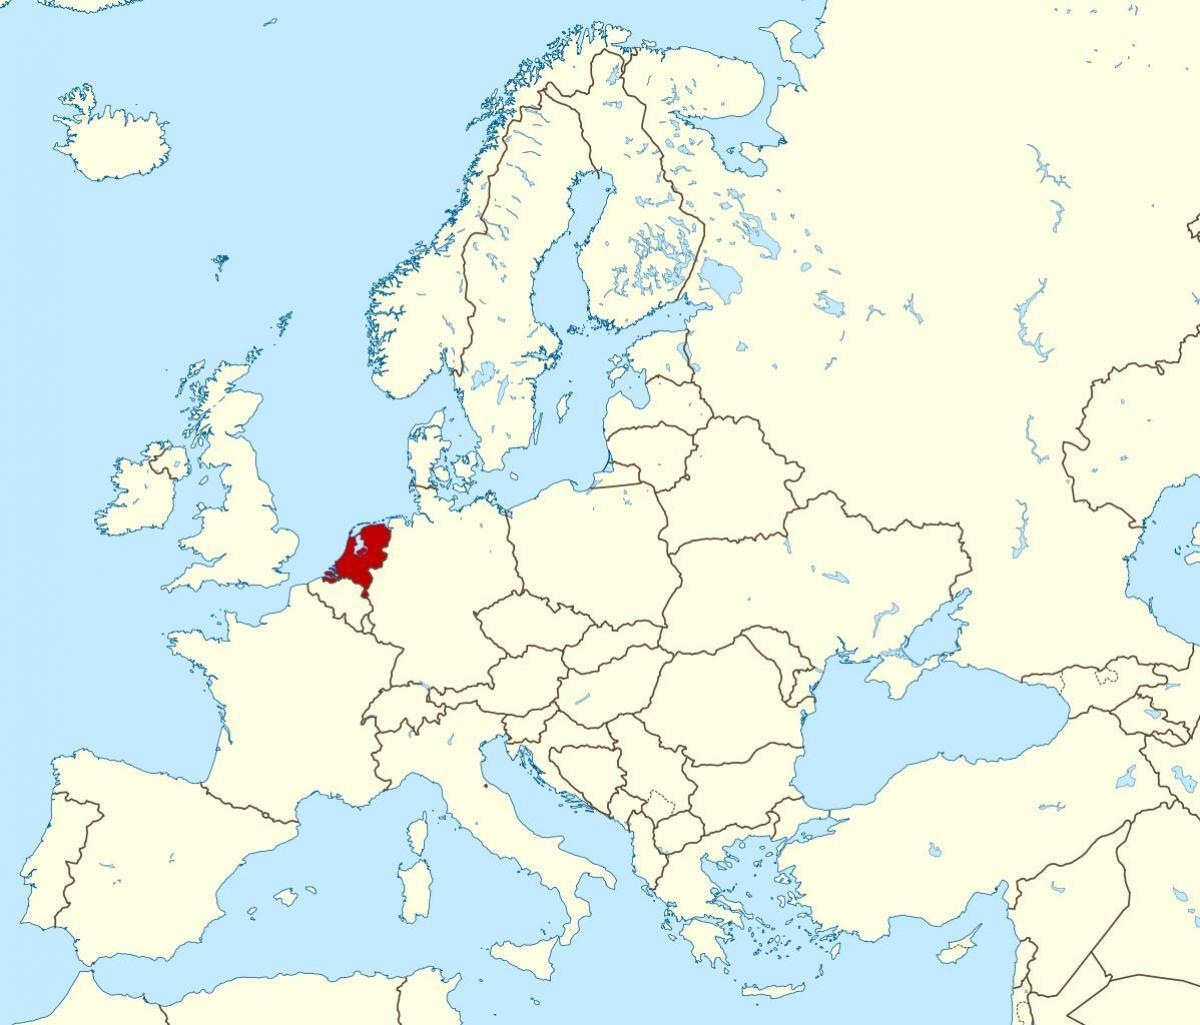 karta över västra europa Nederländerna Europa karta   Karta över Europa Nederländerna  karta över västra europa